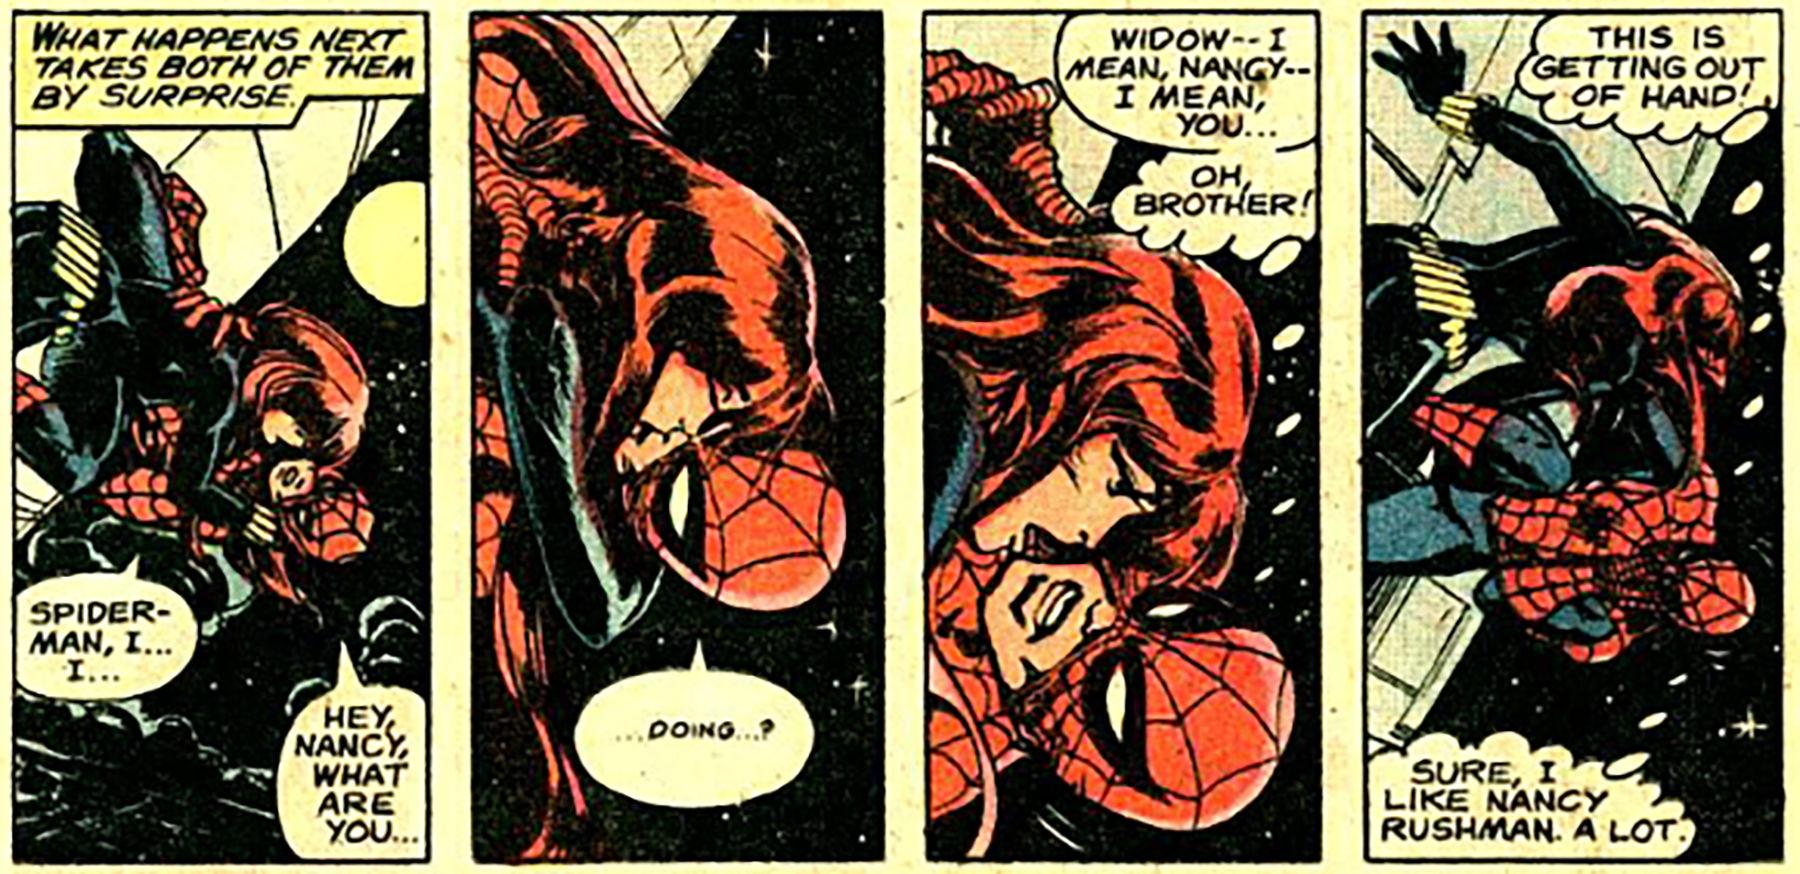 The strange loves of Spider-Man